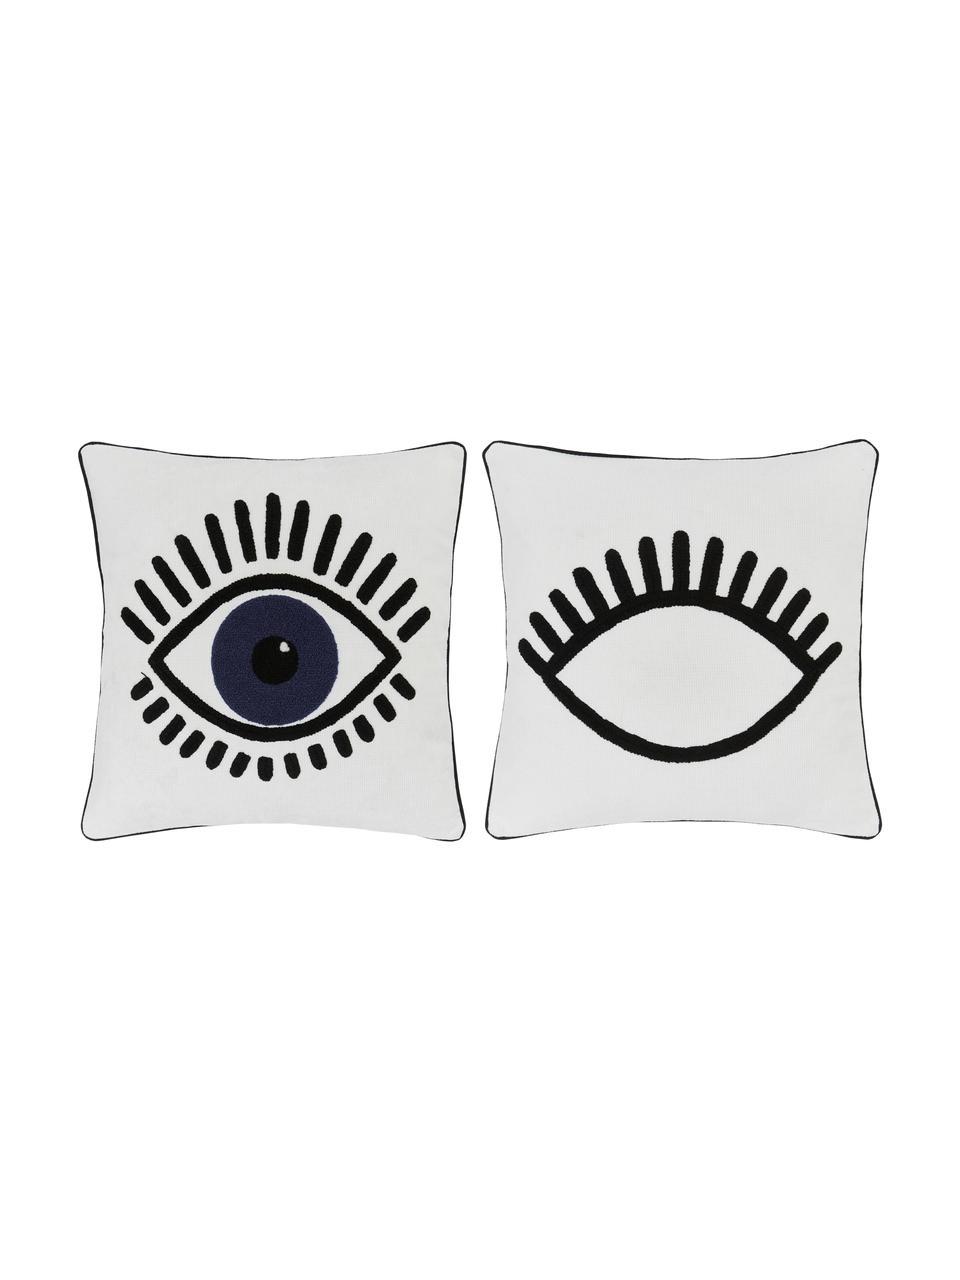 Kissenhülle Charms mit Augenmotiv, 2 Stück, 100% Baumwolle, Weiß, Schwarz, Blau, 45 x 45 cm